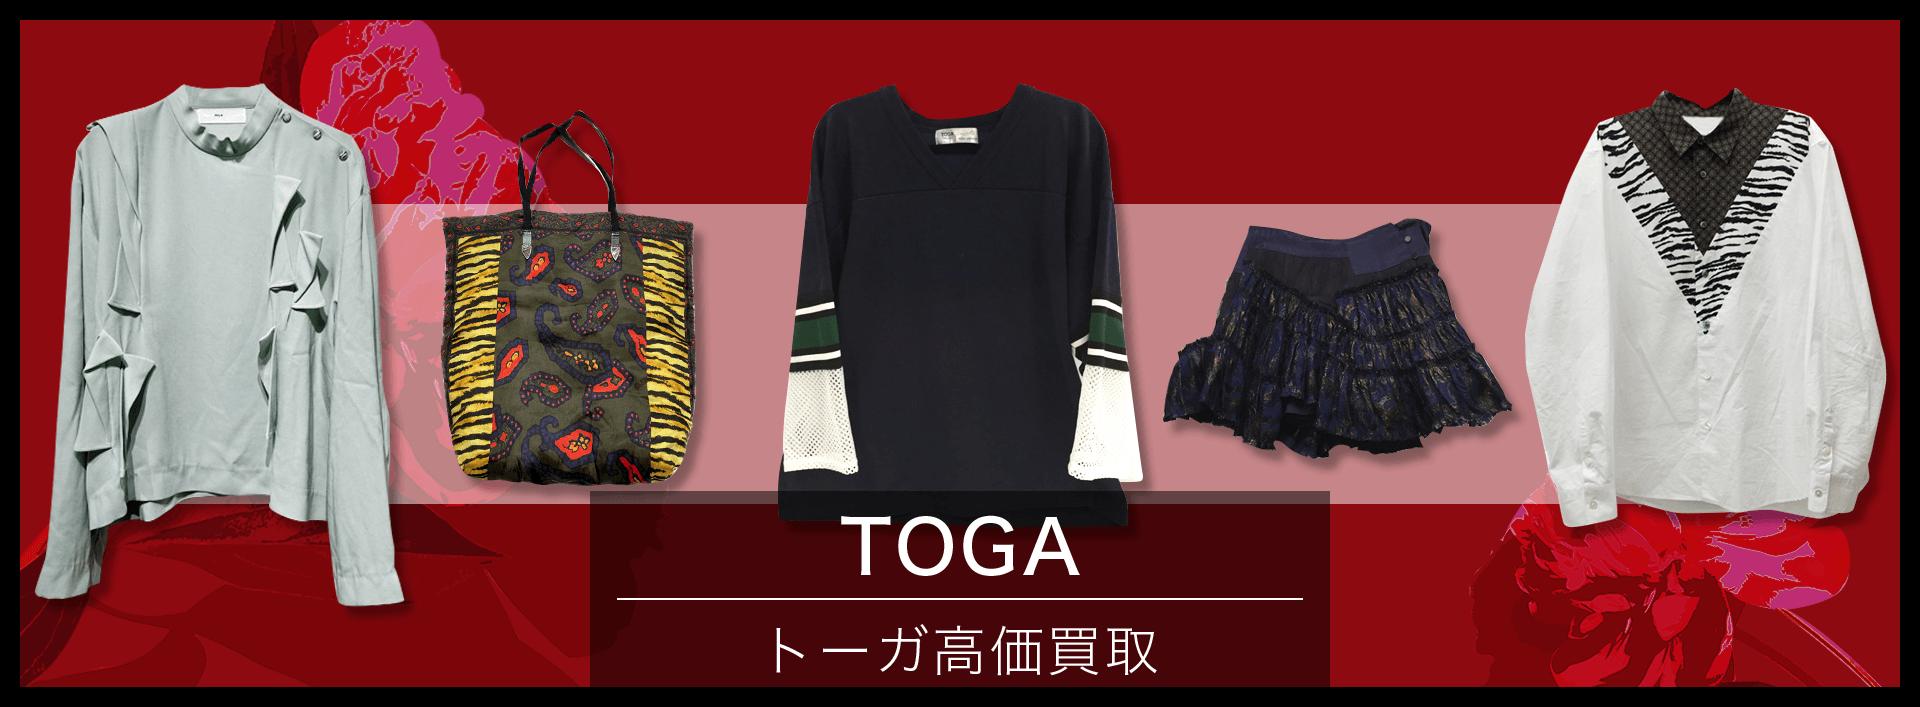 TOGA(トーガ)高価買取